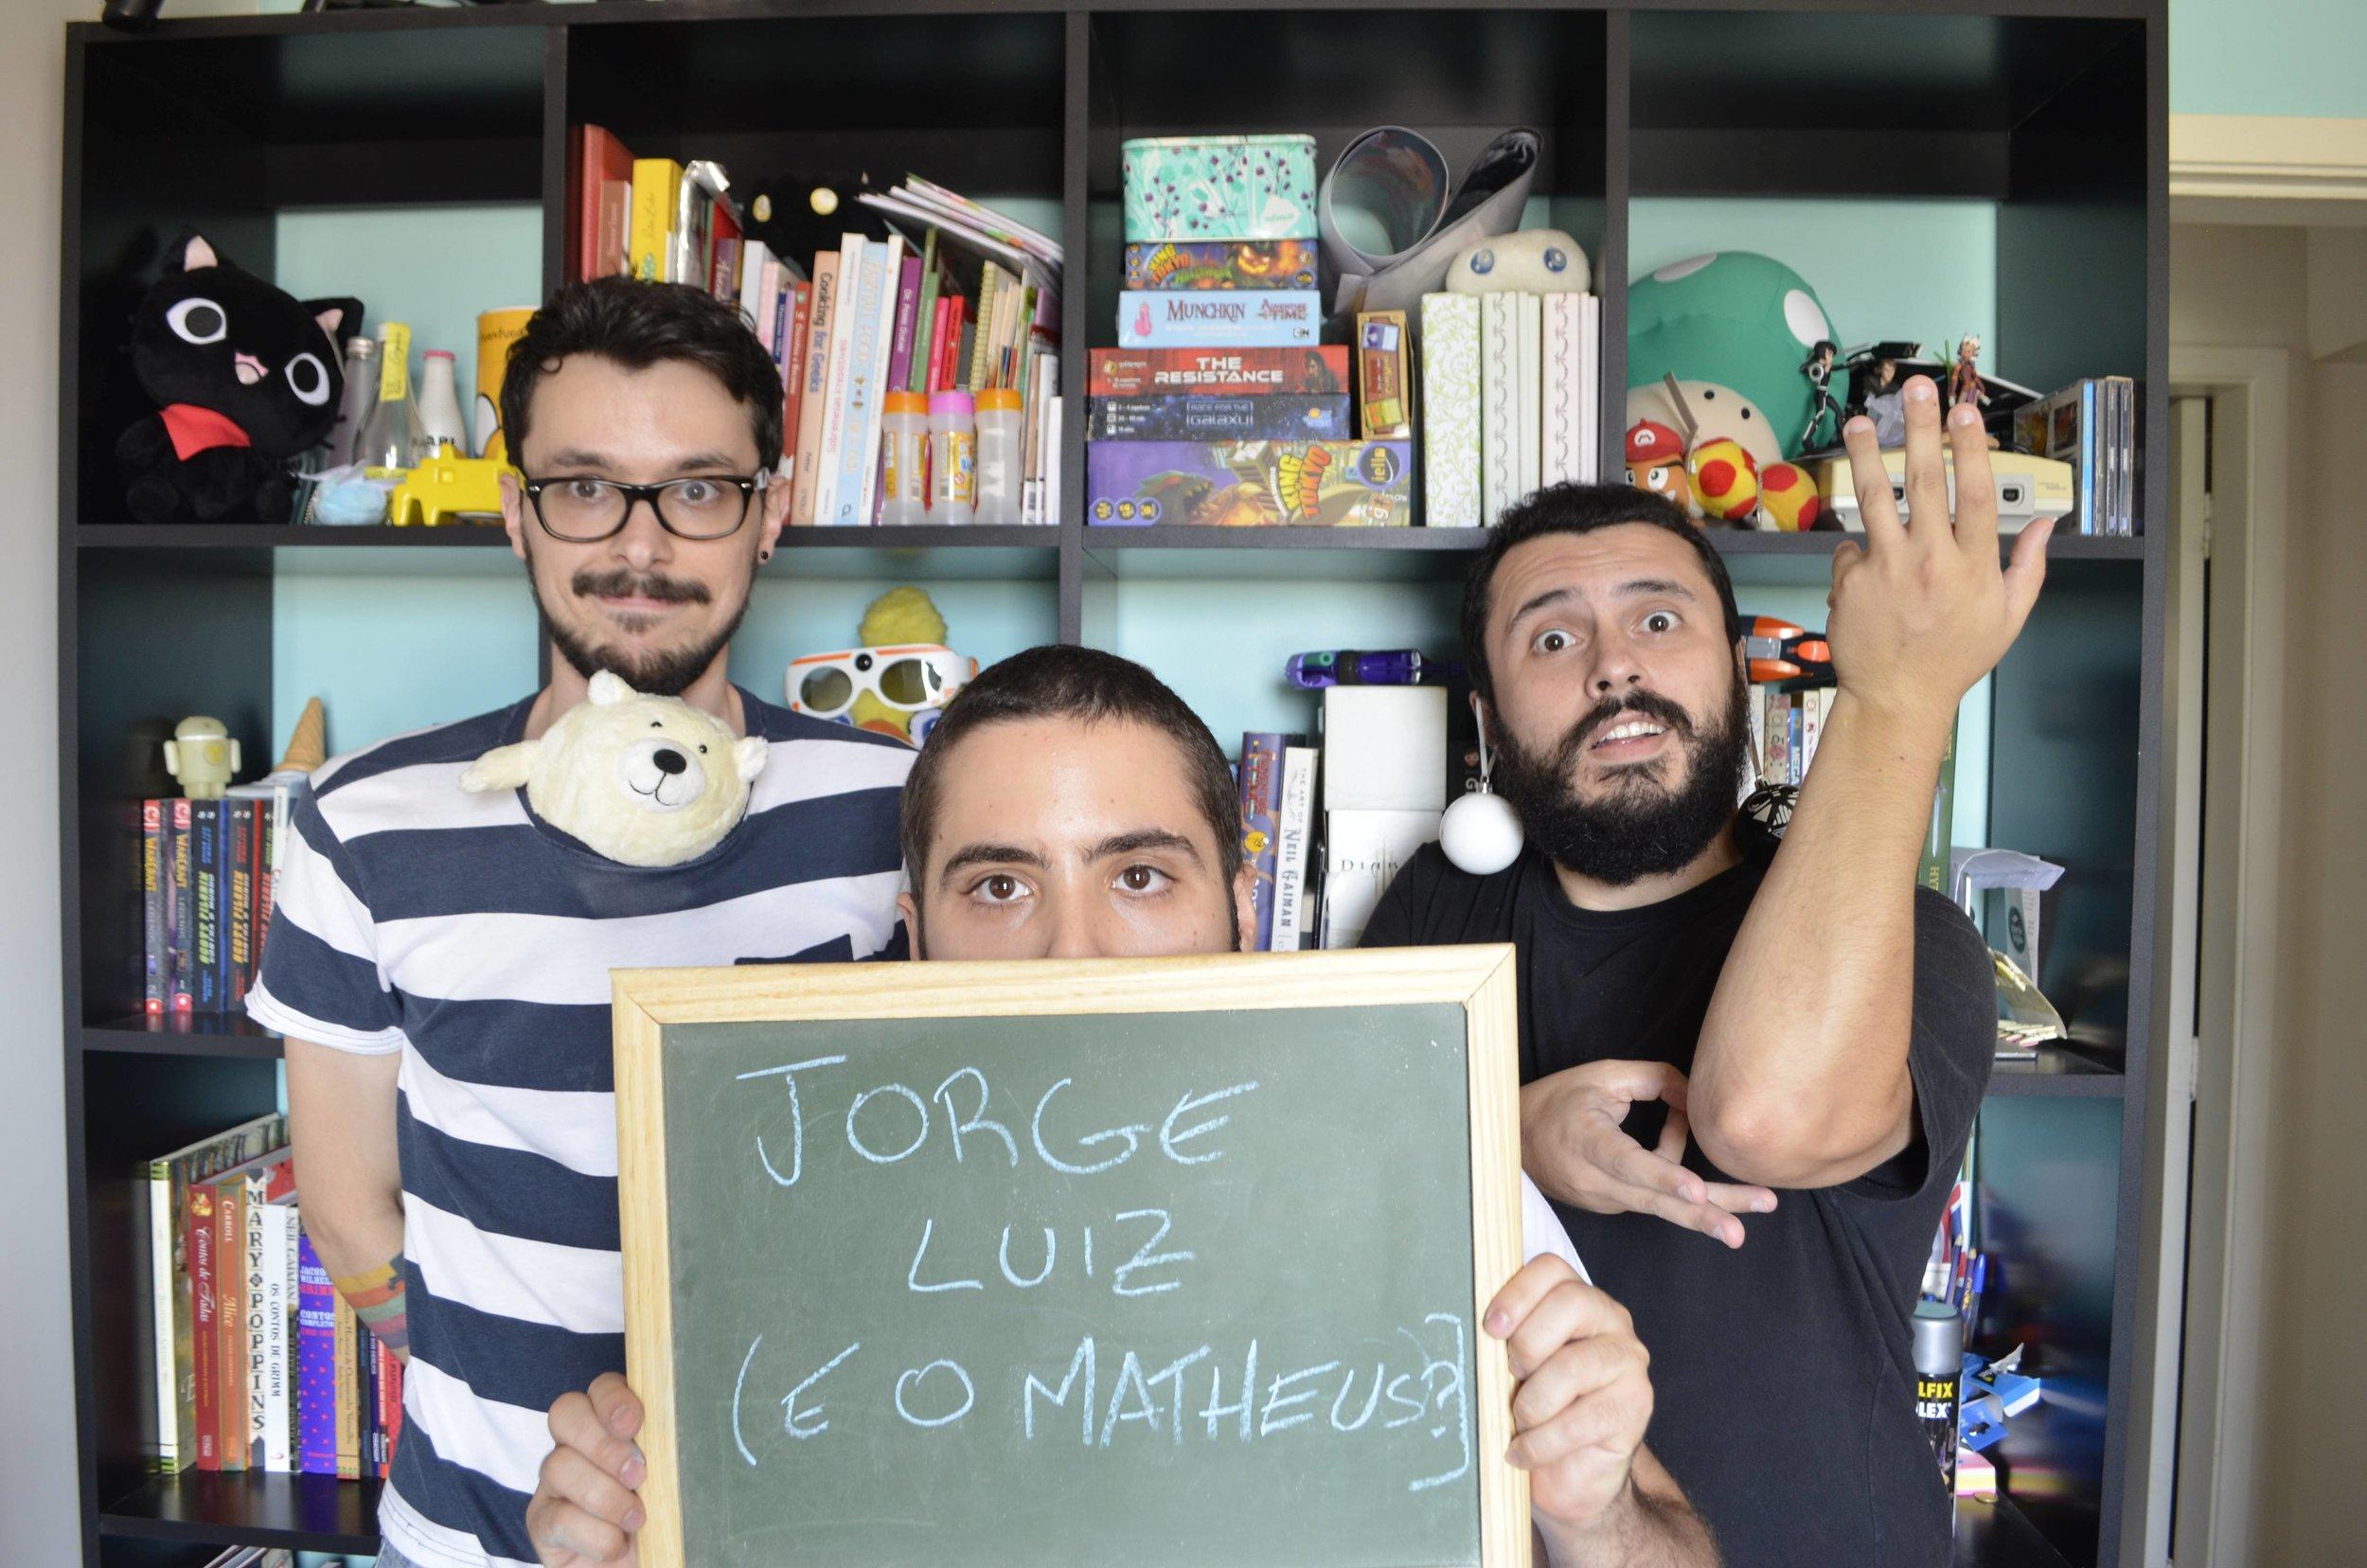 Jorge-Luiz.jpg